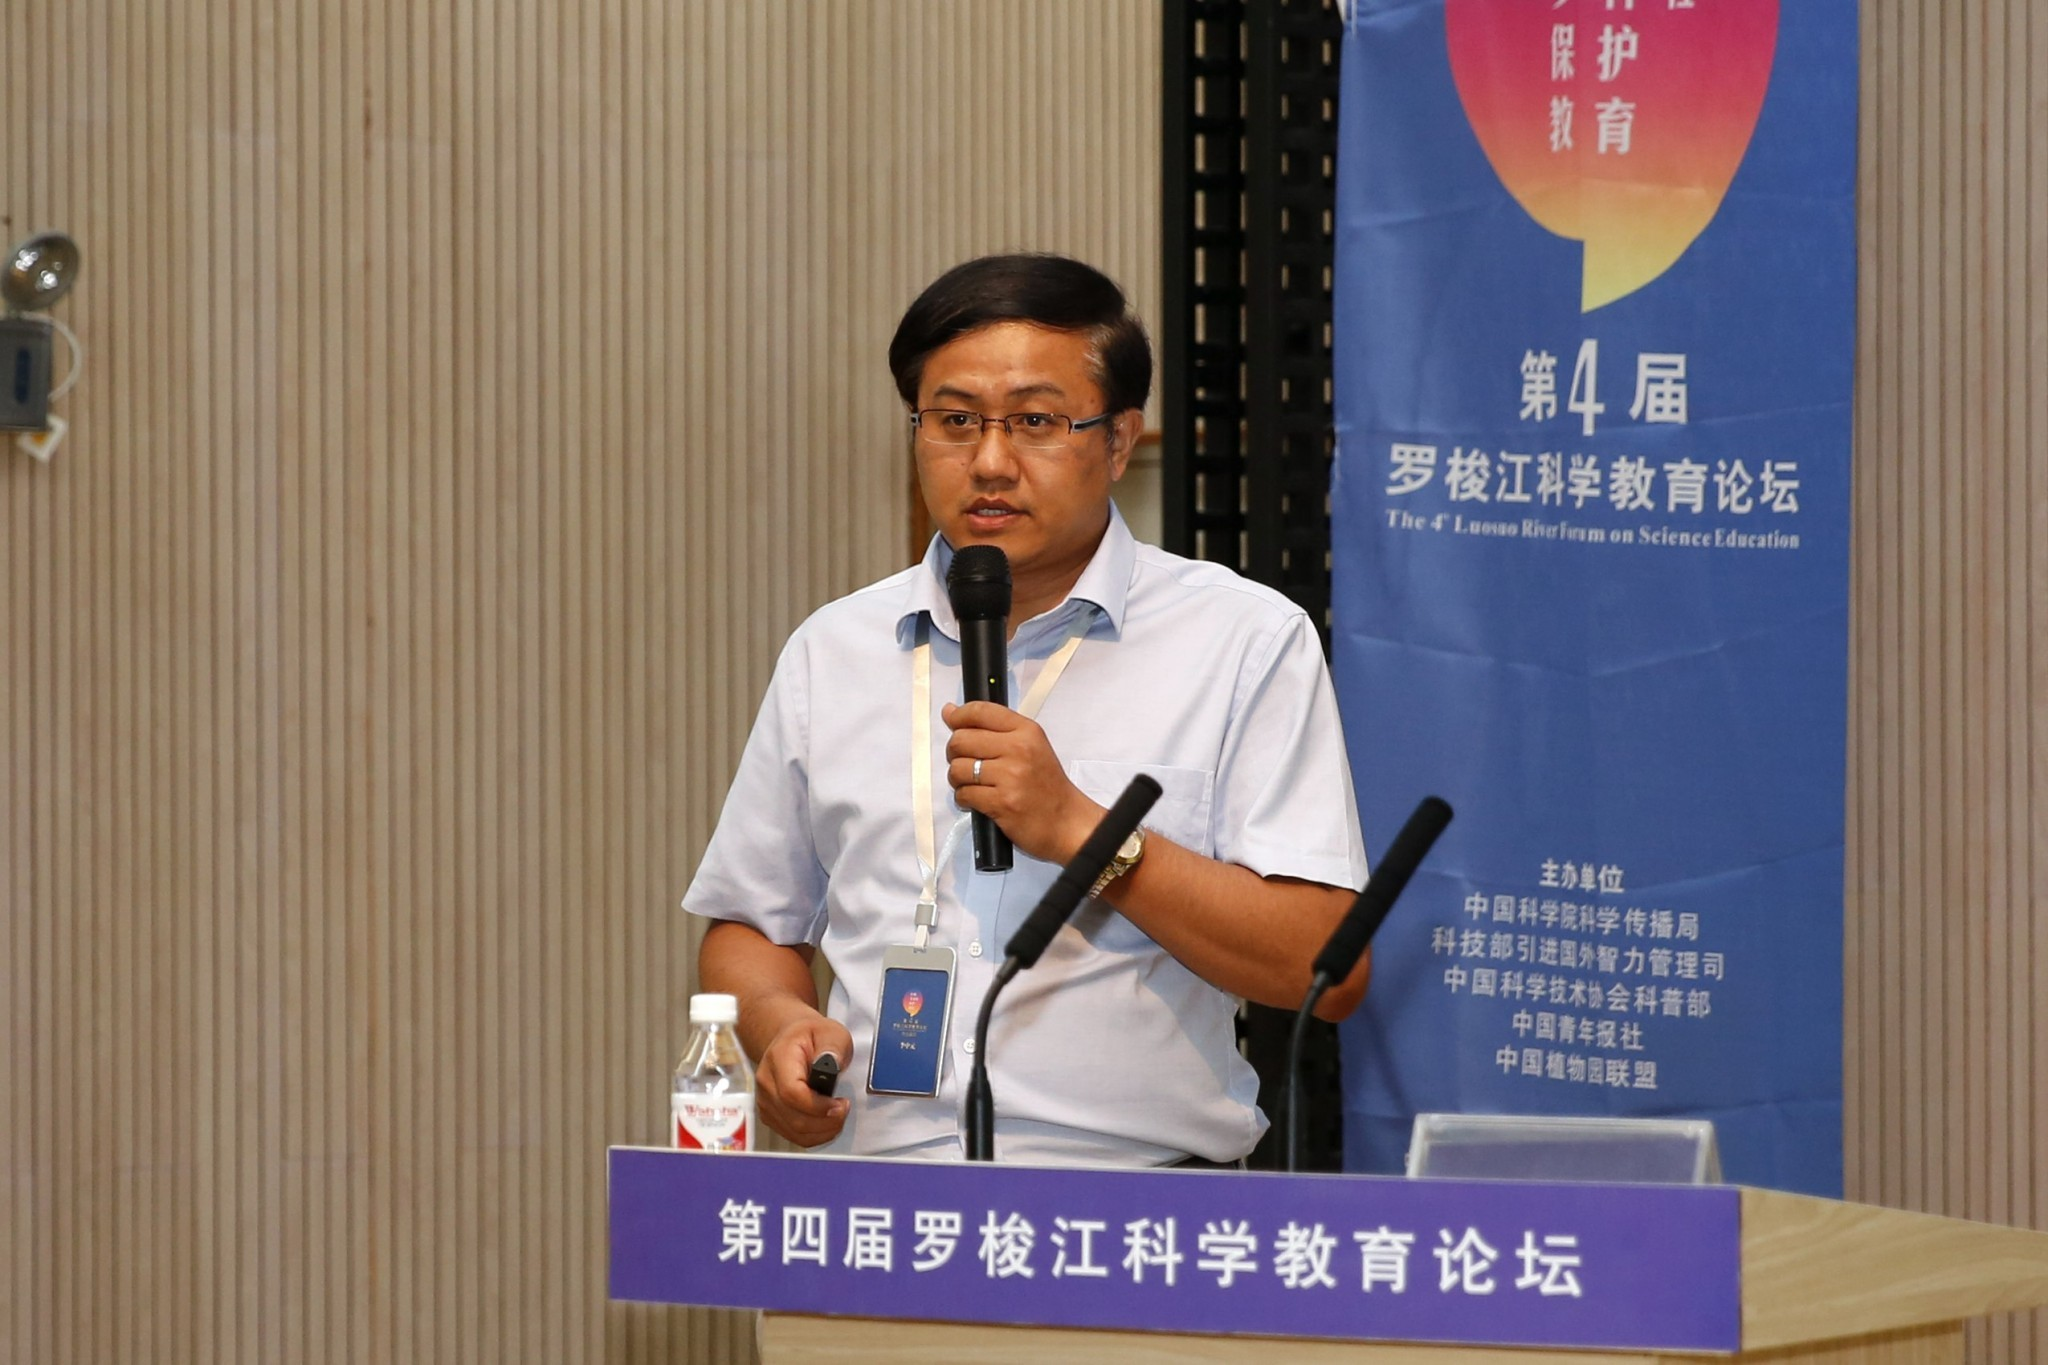 【案例分享】湖北大学  李中元:神农架大熊猫食源竹类资源遥感调查与估算